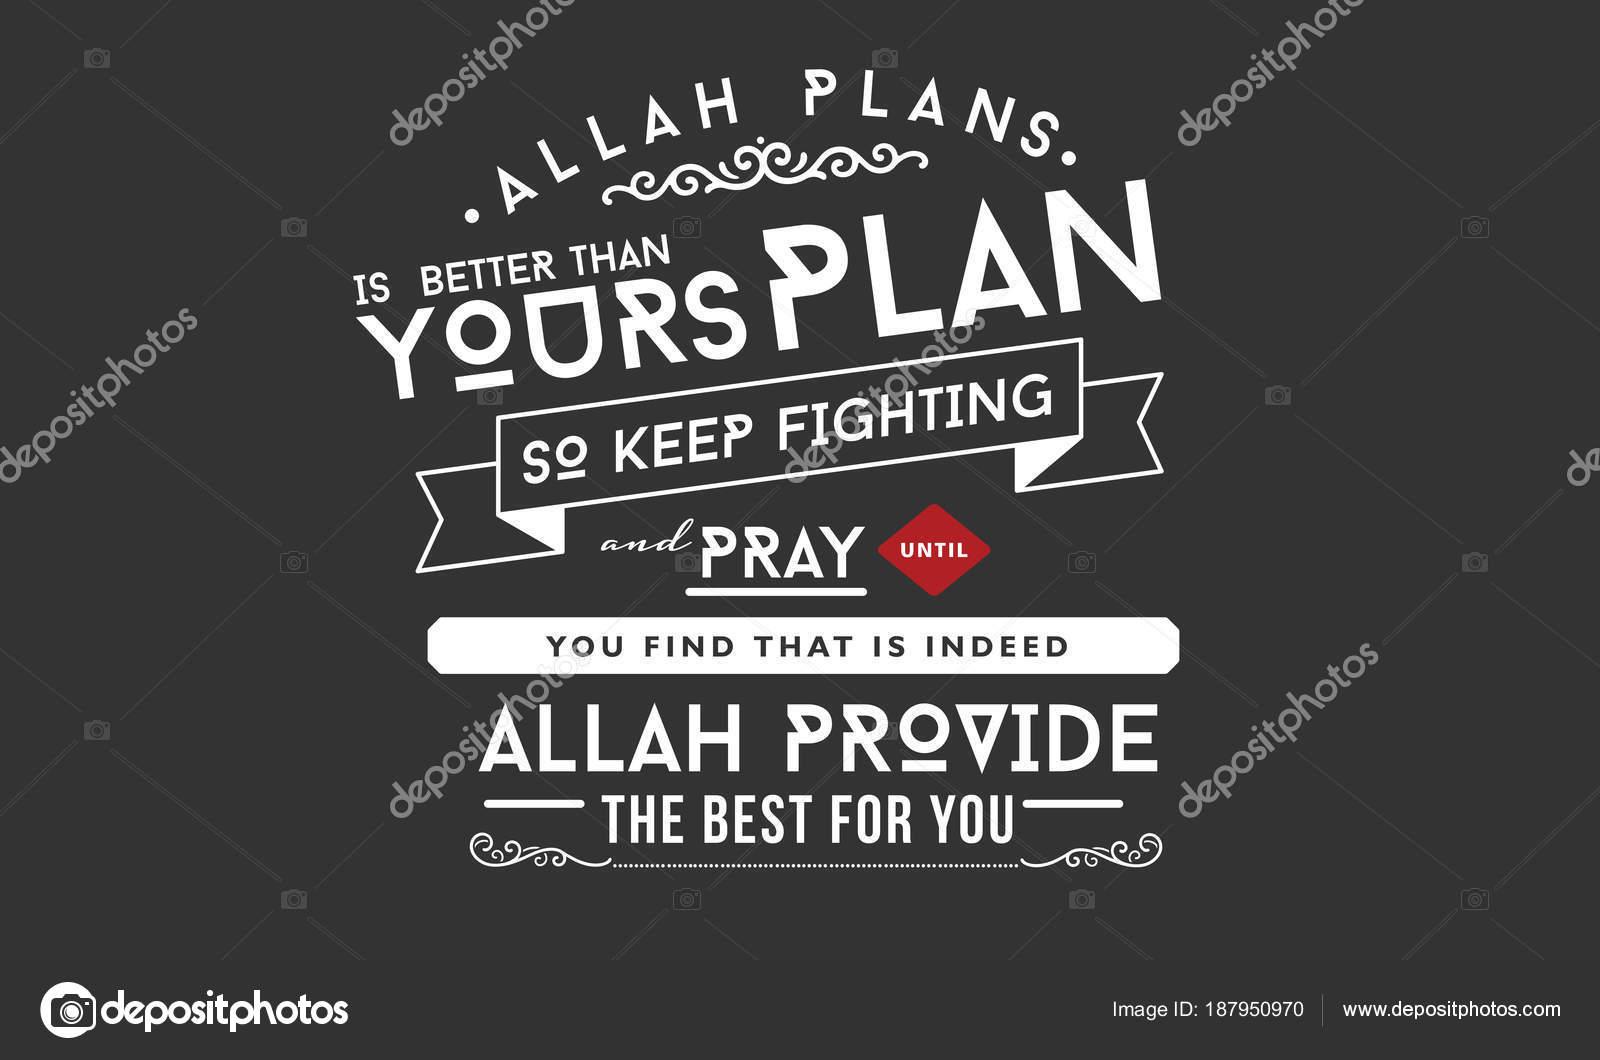 Imágenes Personas Orando Con Frases Planes Allah Mejor